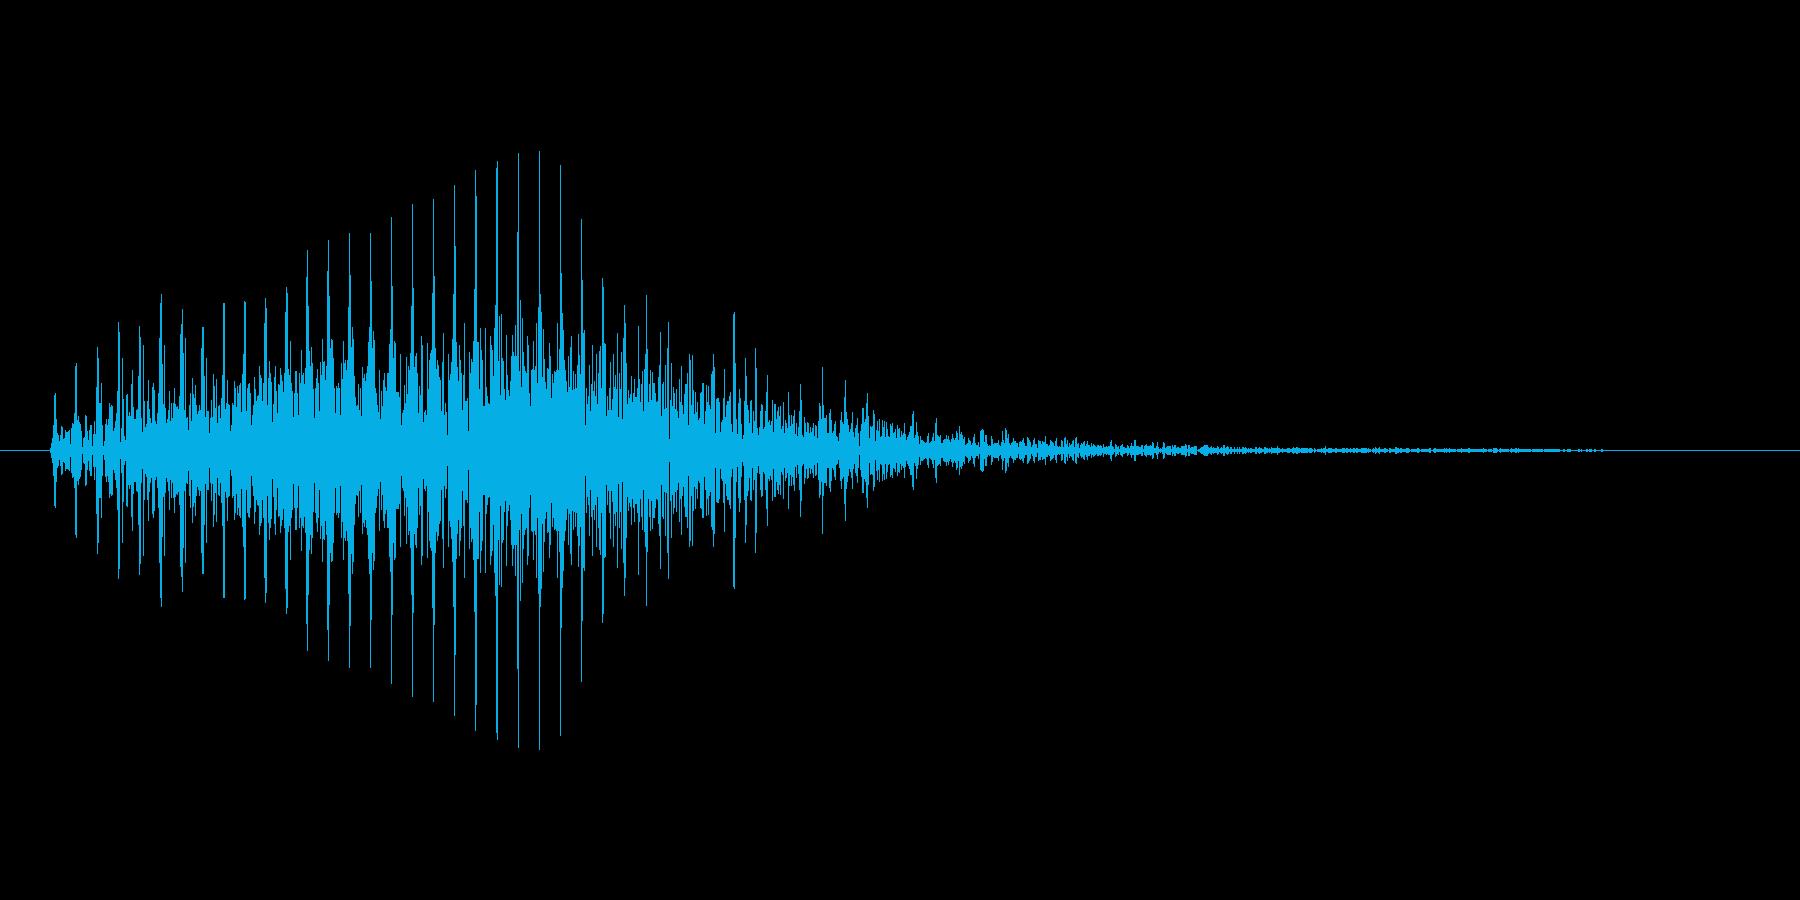 カートゥーン系の忍び足のような効果音の再生済みの波形